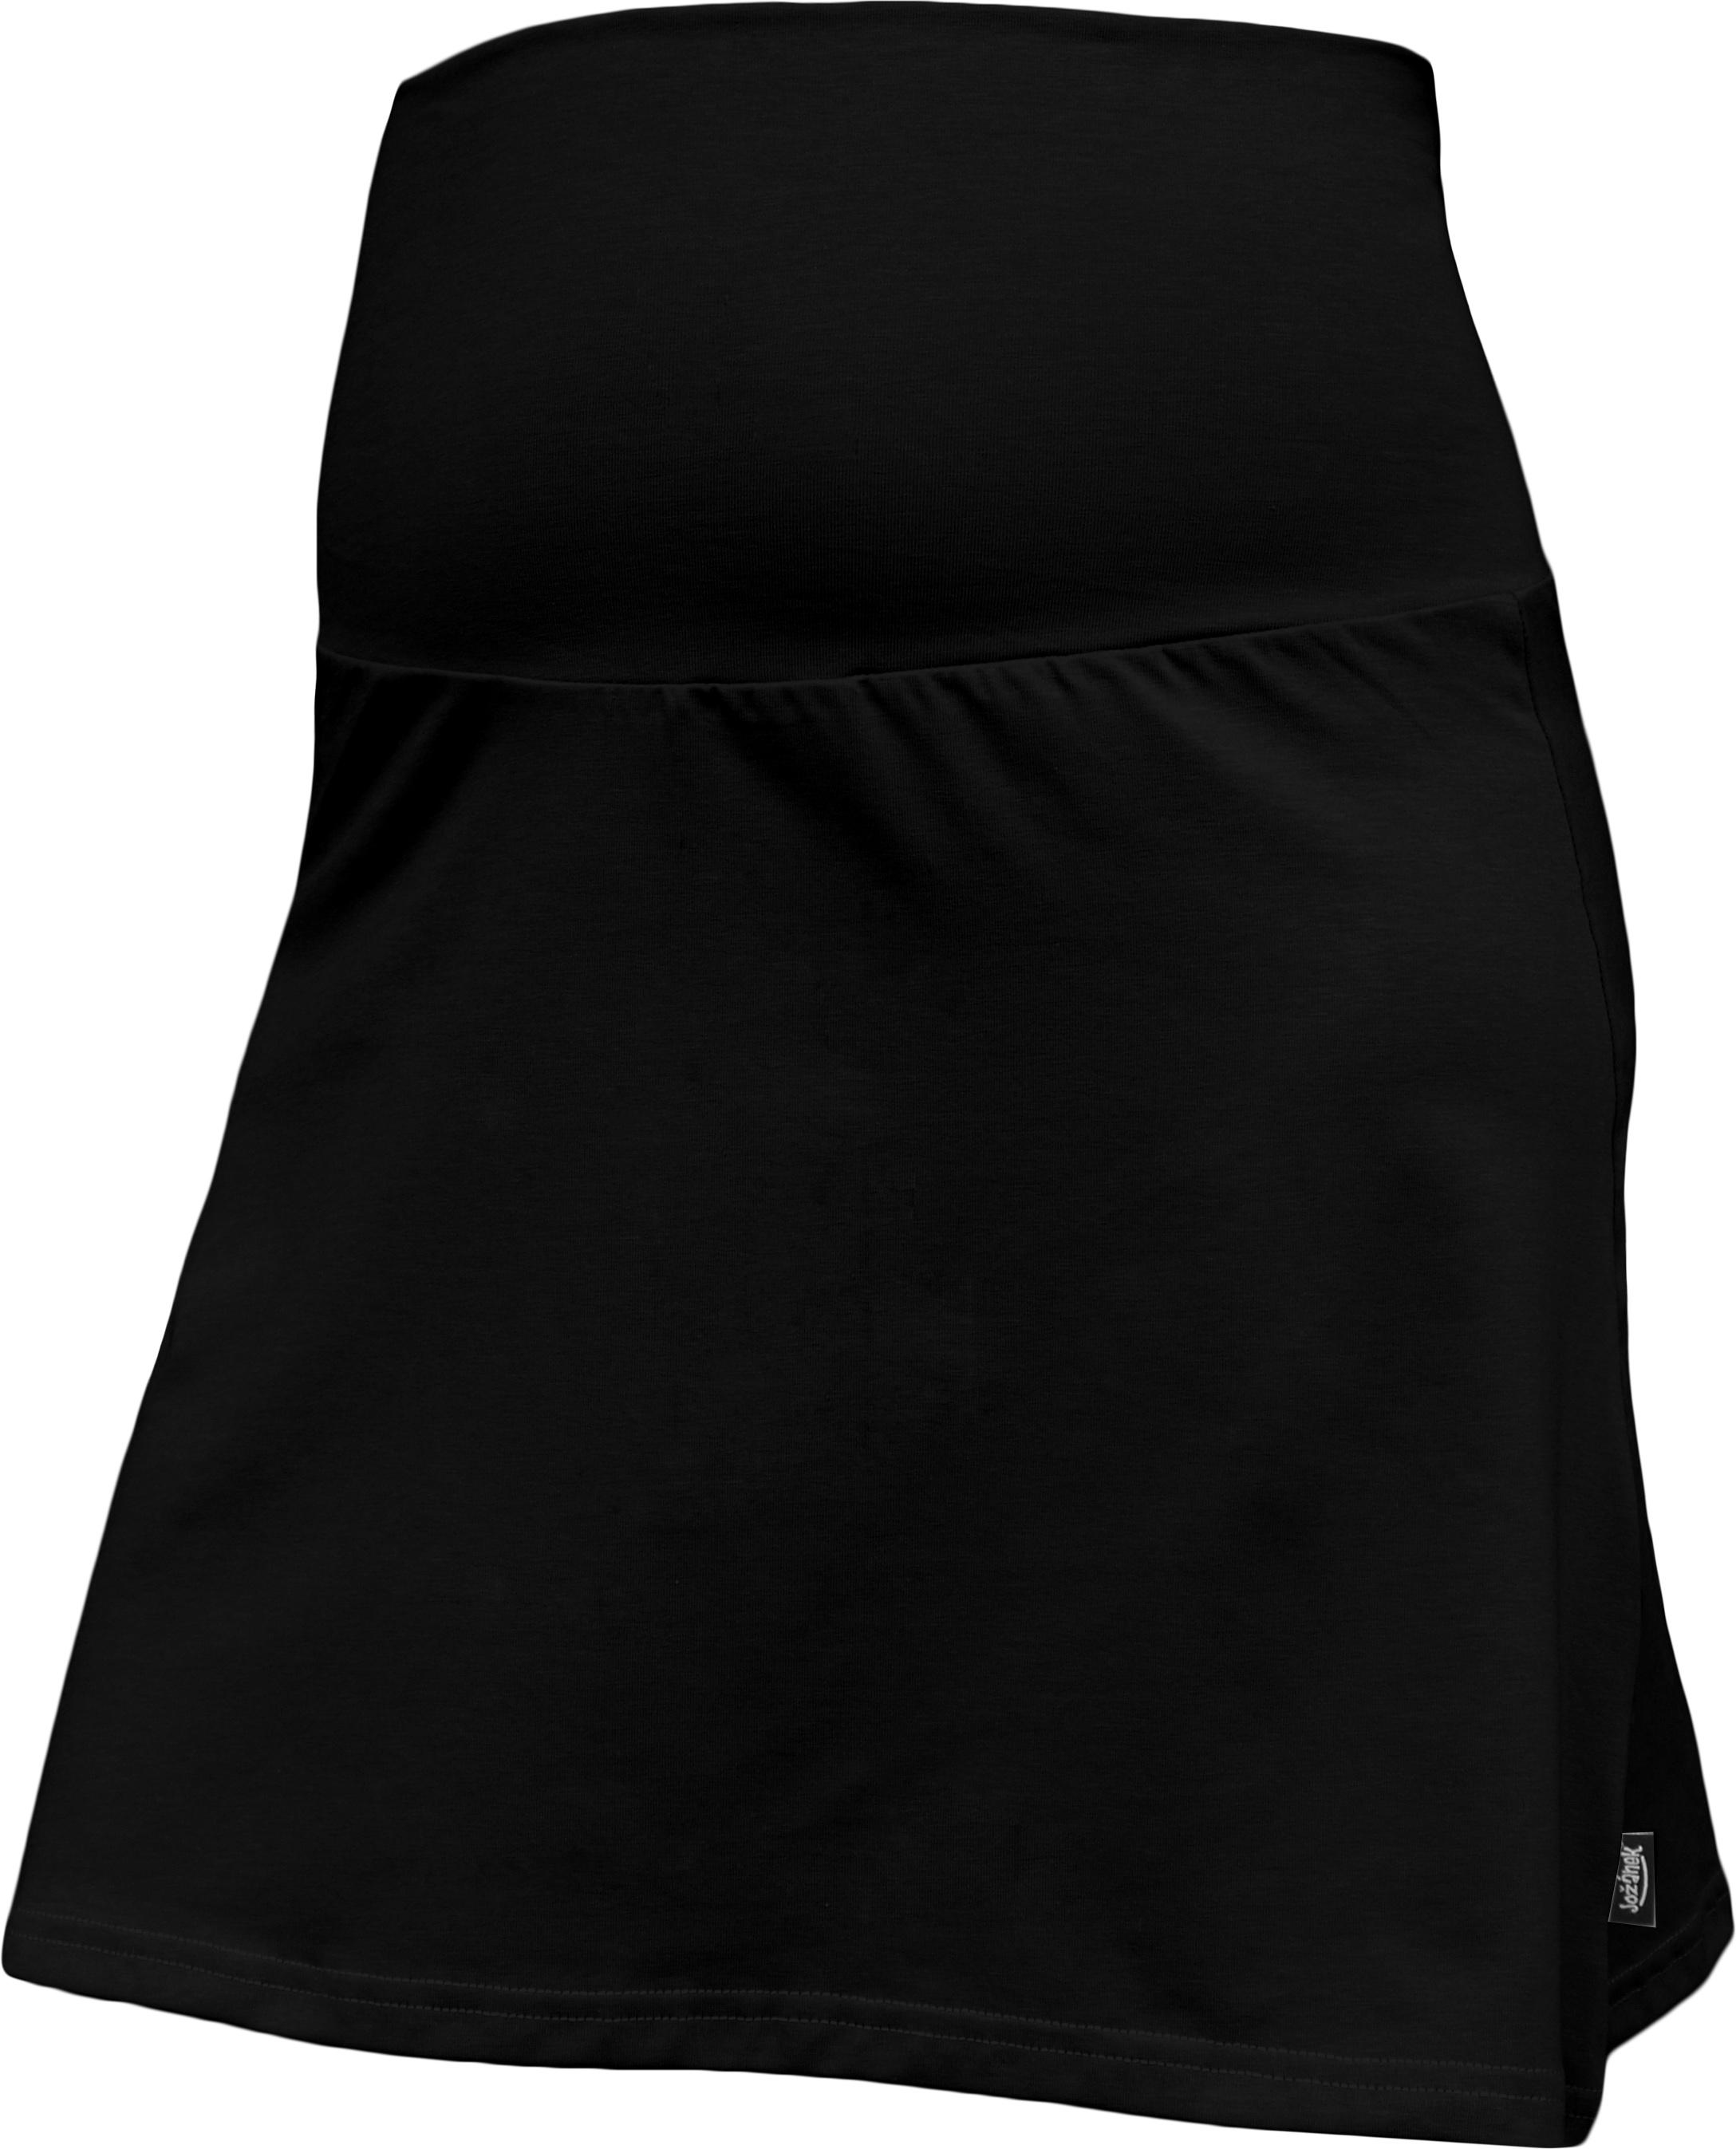 Těhotenská sukně jolana, černá l/xl